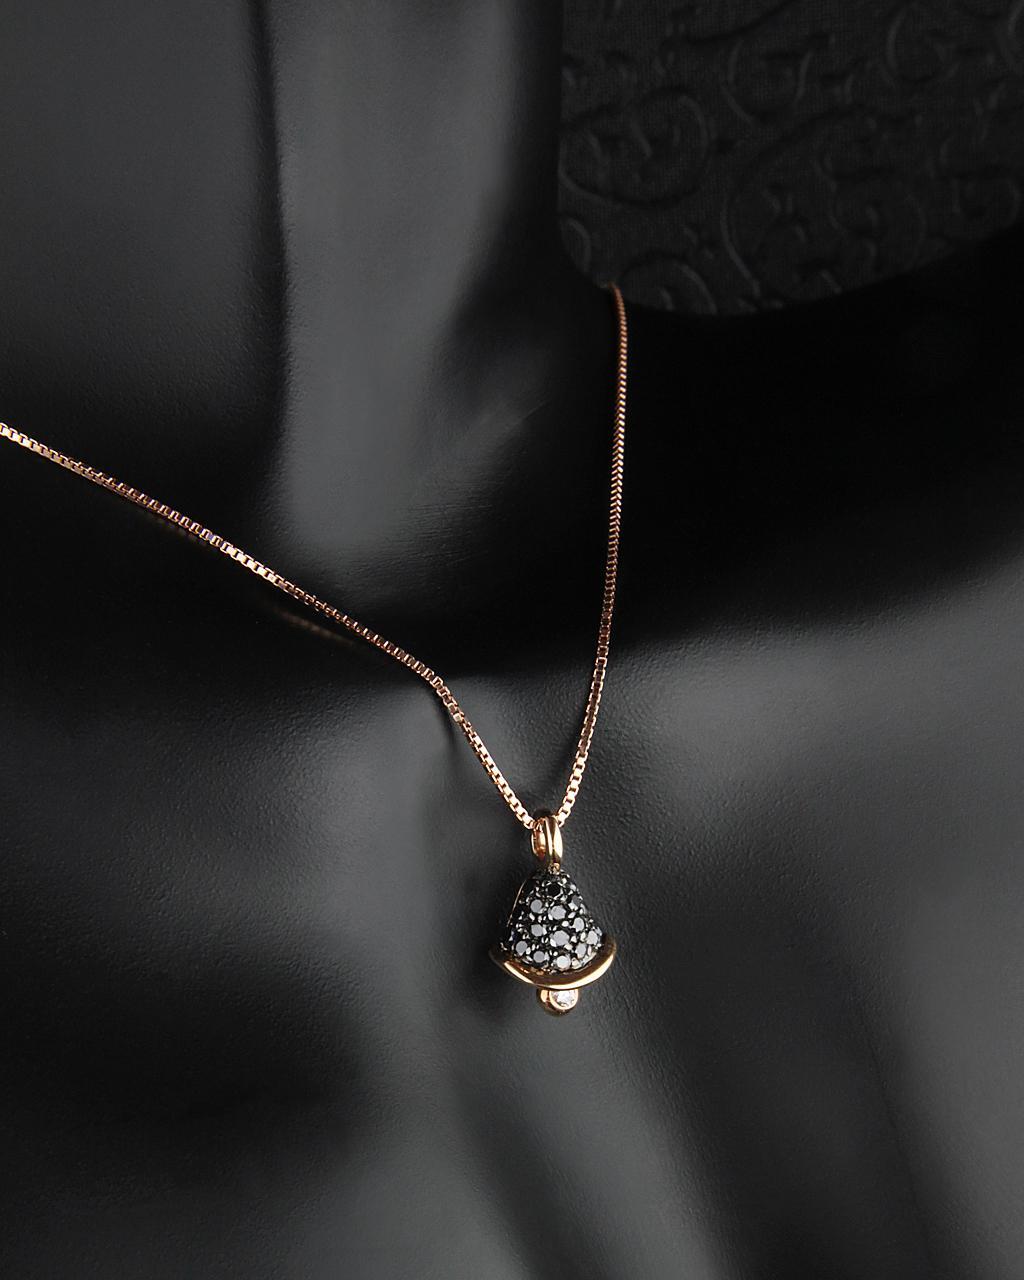 Κρεμαστό ροζ χρυσό Κ18 με Διαμάντια   γυναικα κρεμαστά κολιέ κρεμαστά κολιέ ροζ χρυσό